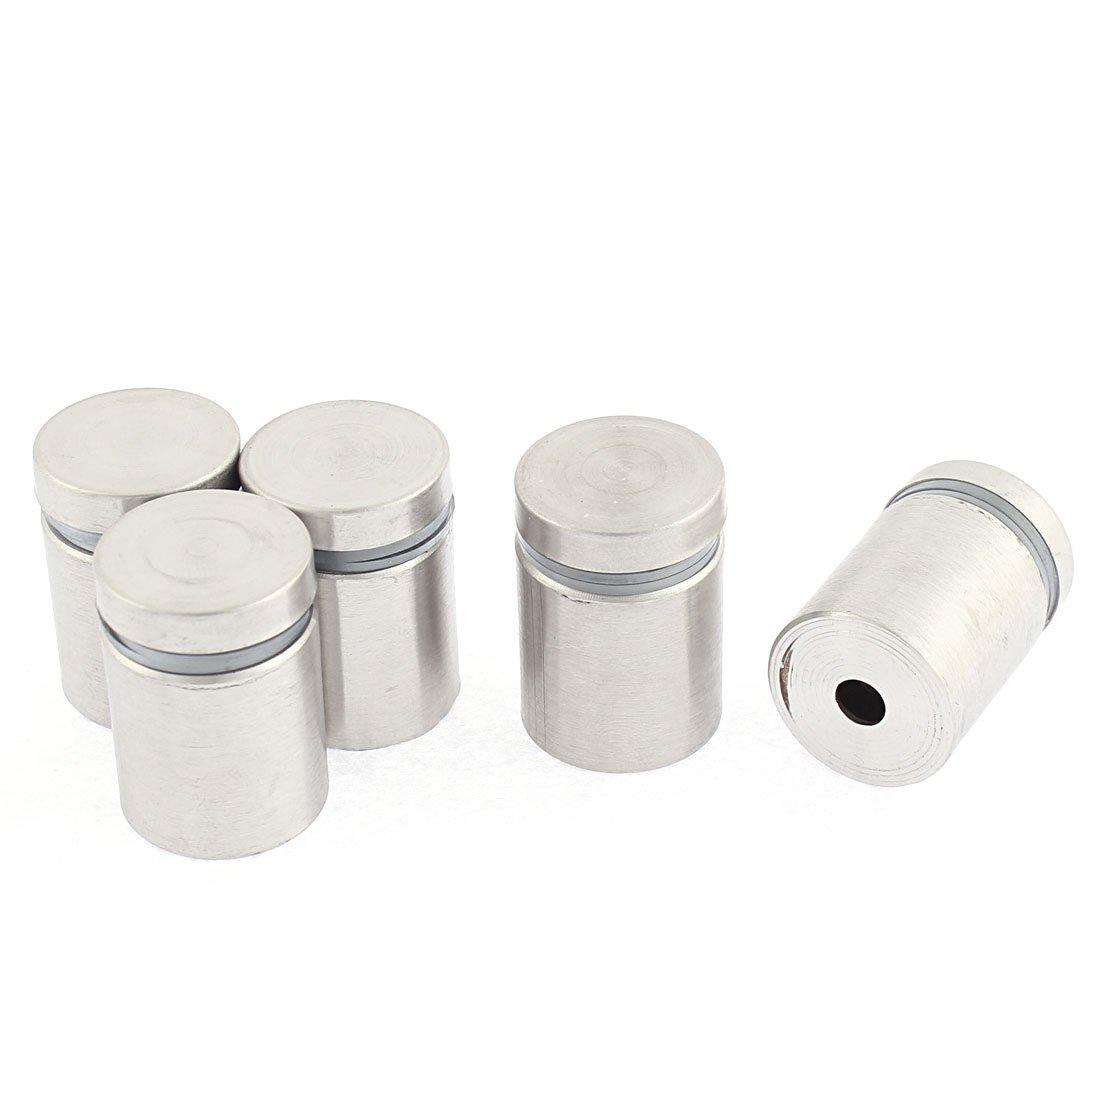 5 Stü ck M10 x 18mm Edelstahl Abstandshalter Glashalter Spiegelhalter Sourcingmap US-SA-AJD-181924